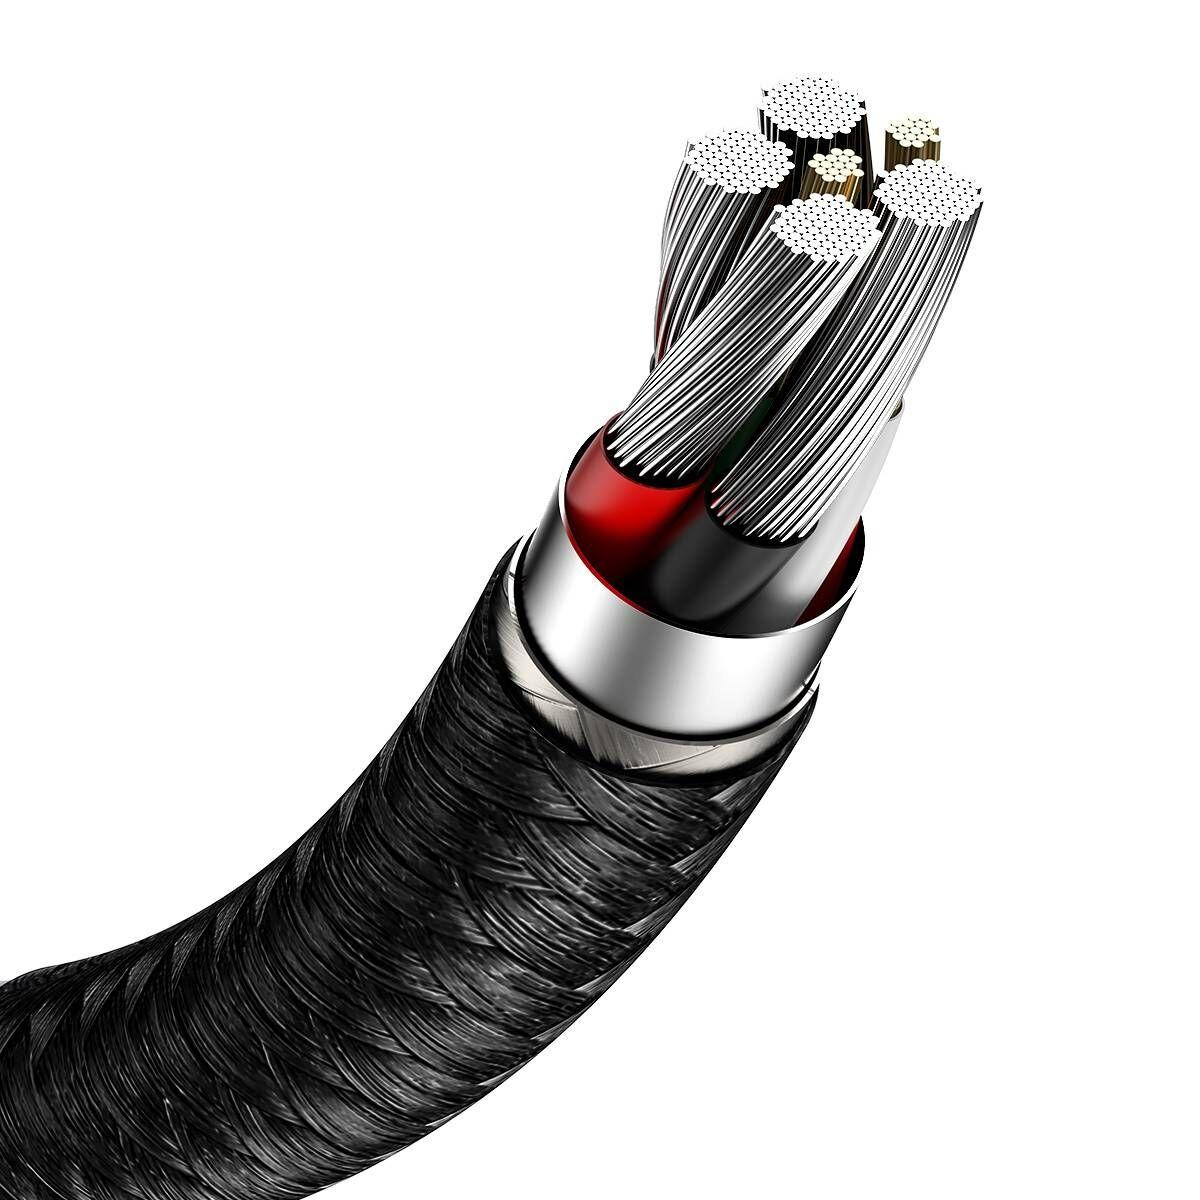 Baseus Type-C kábel, Cafule Series, gyorstötlő és adatkábel, 40W, 5A, 0.25m, fekete (CATJK-01)